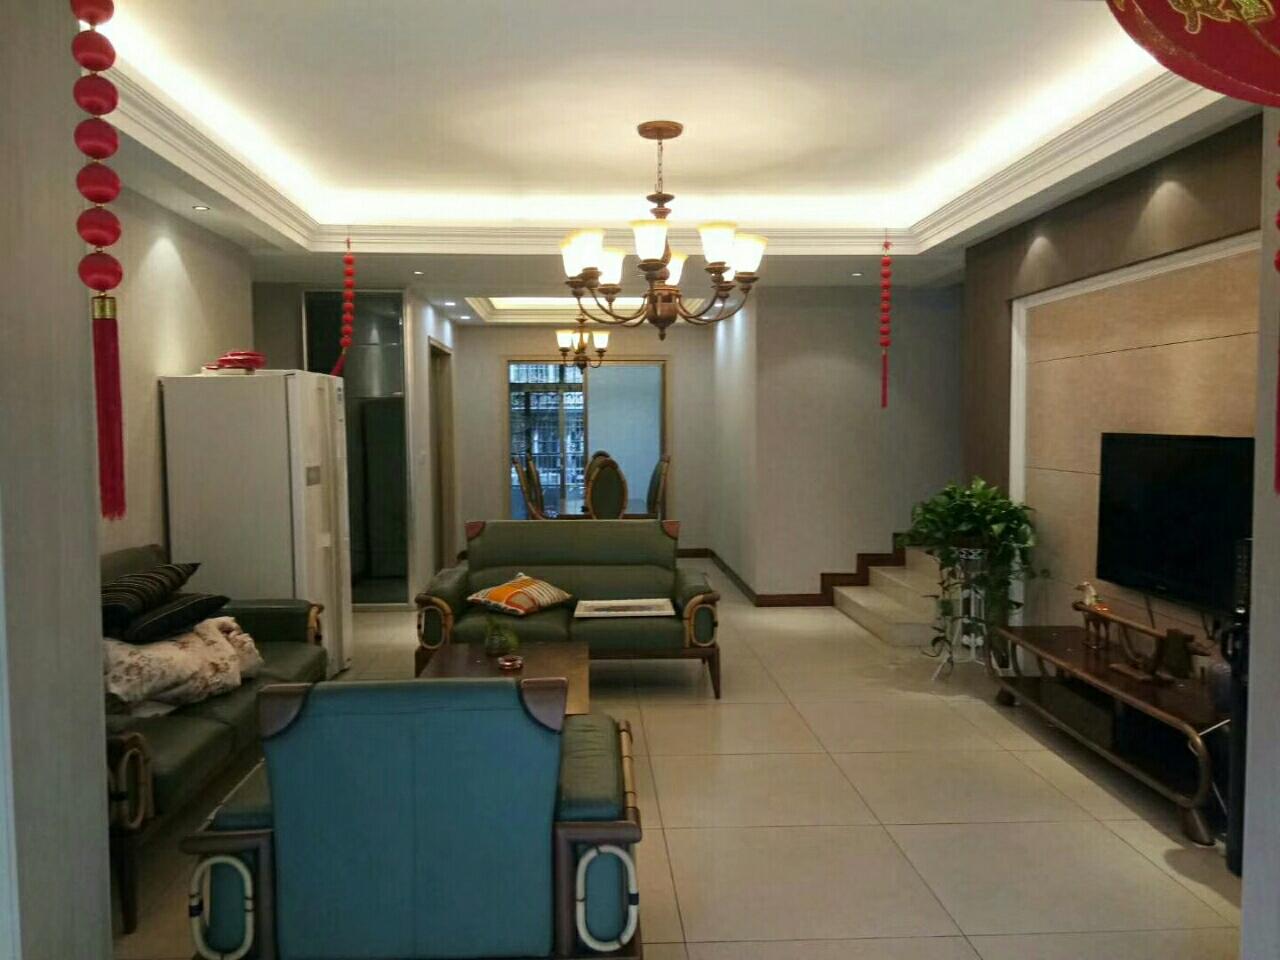 丽都滨河2期现浇房朝中庭3套2带休闲阳台可按揭